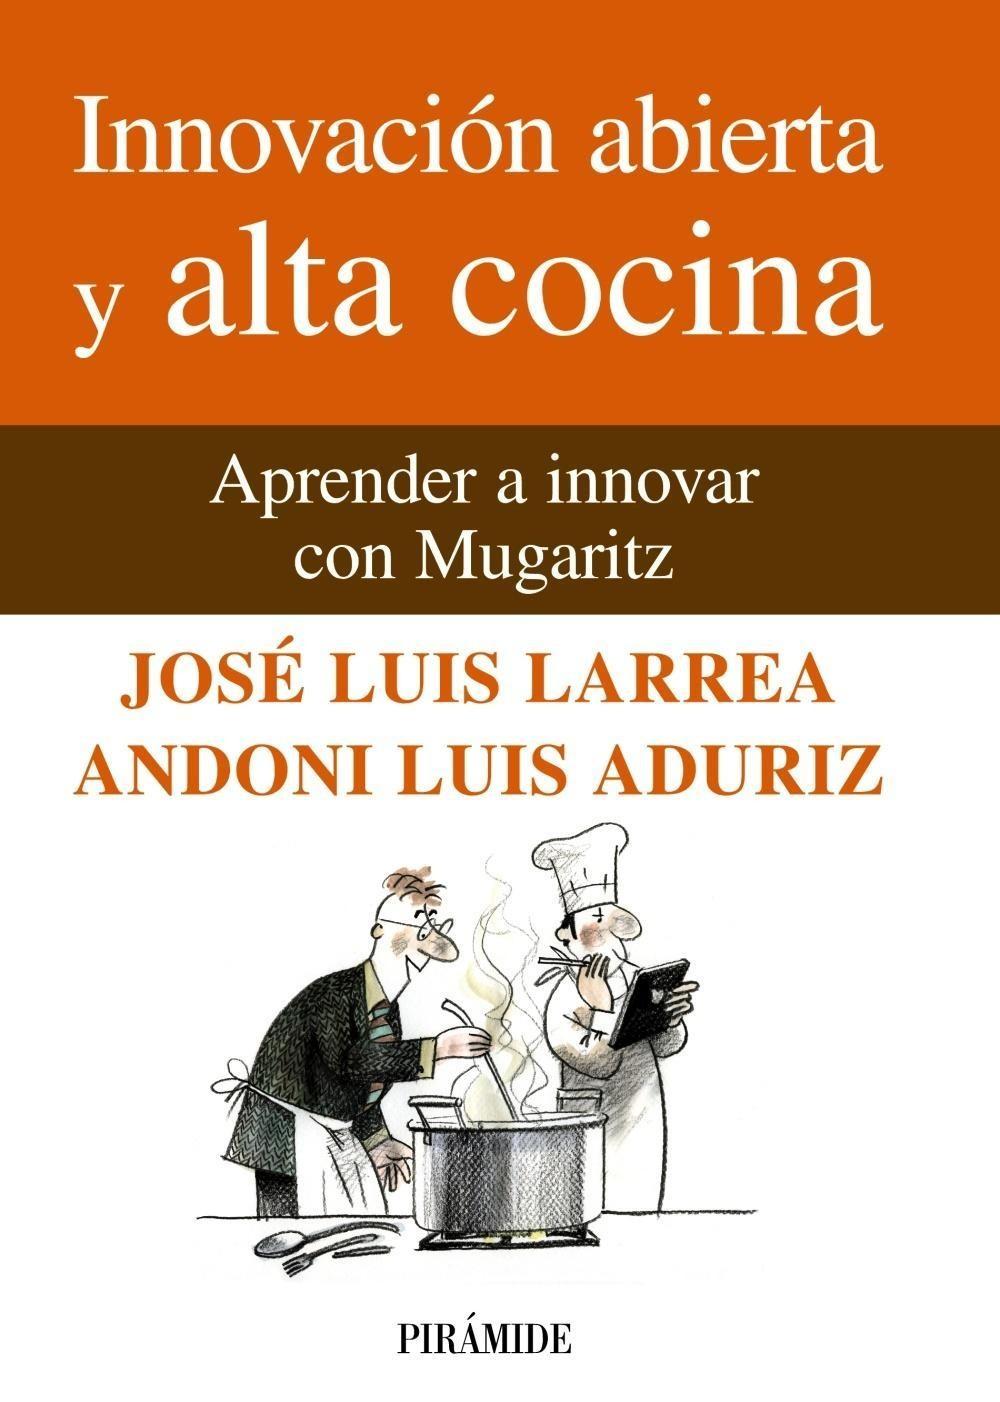 Innovación abierta y alta cocina: Aprender a innovar con Mugaritz